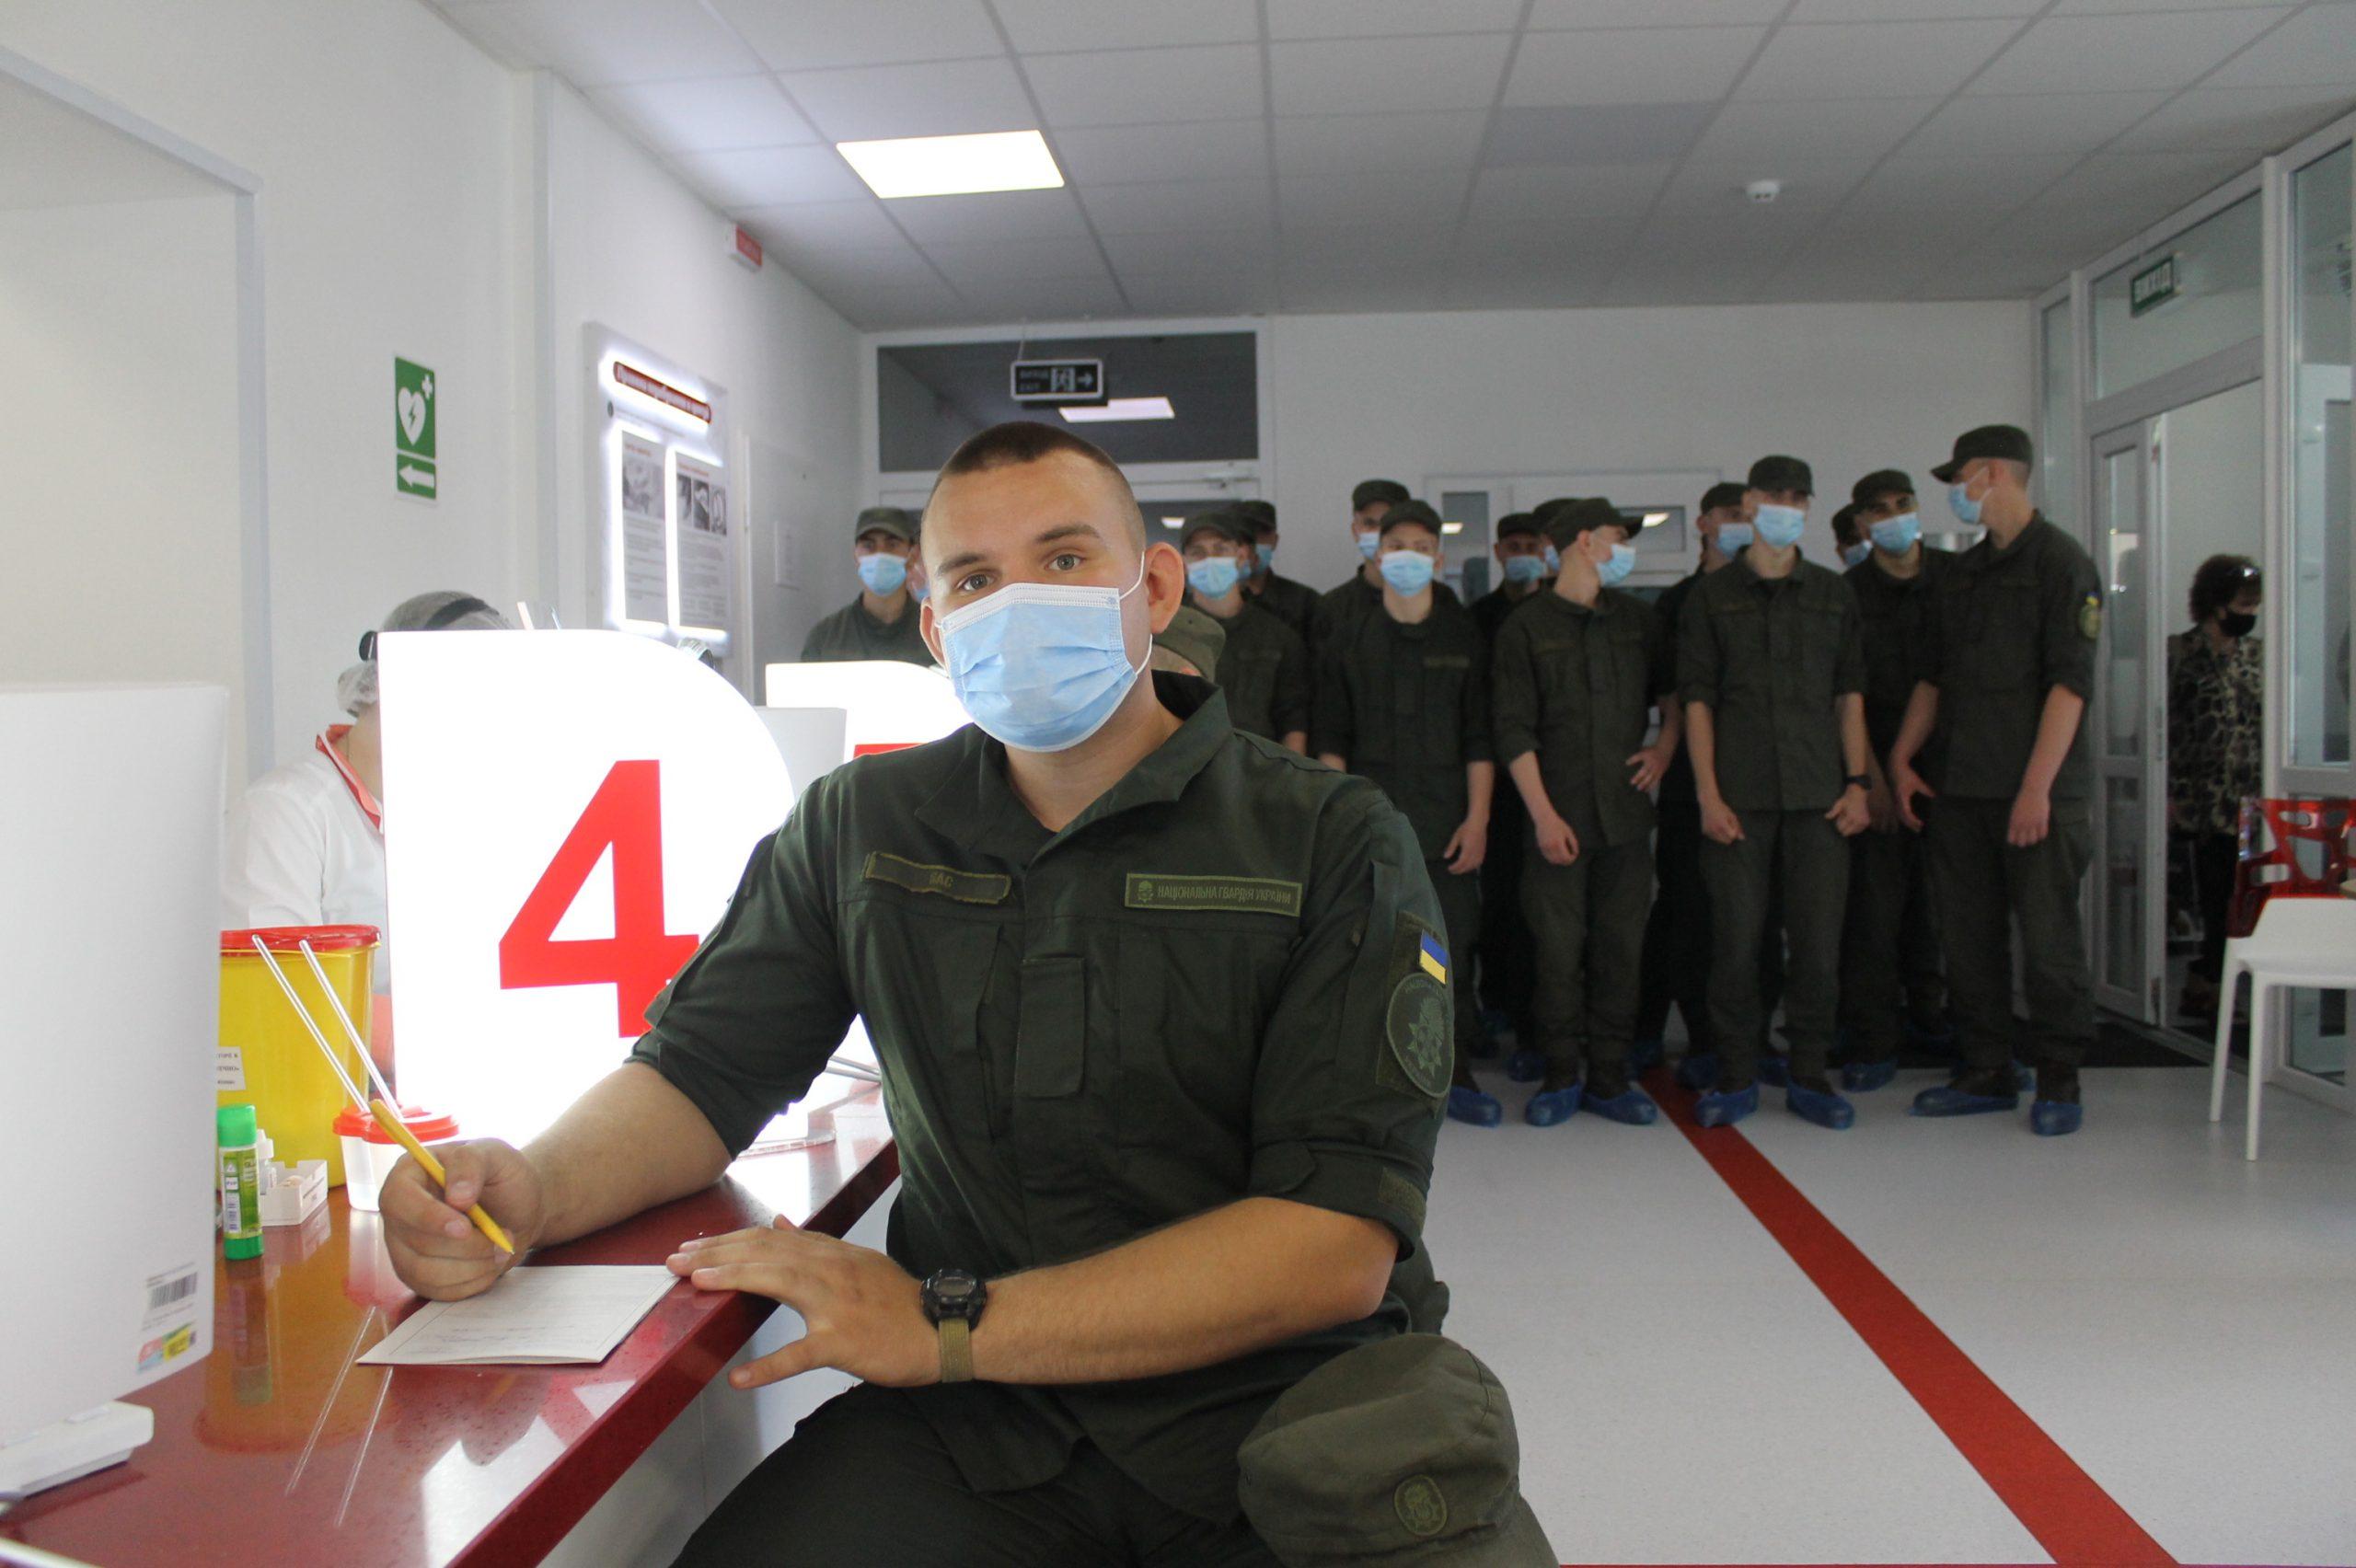 Нацгвардійці долучилися до донації крові в День донора